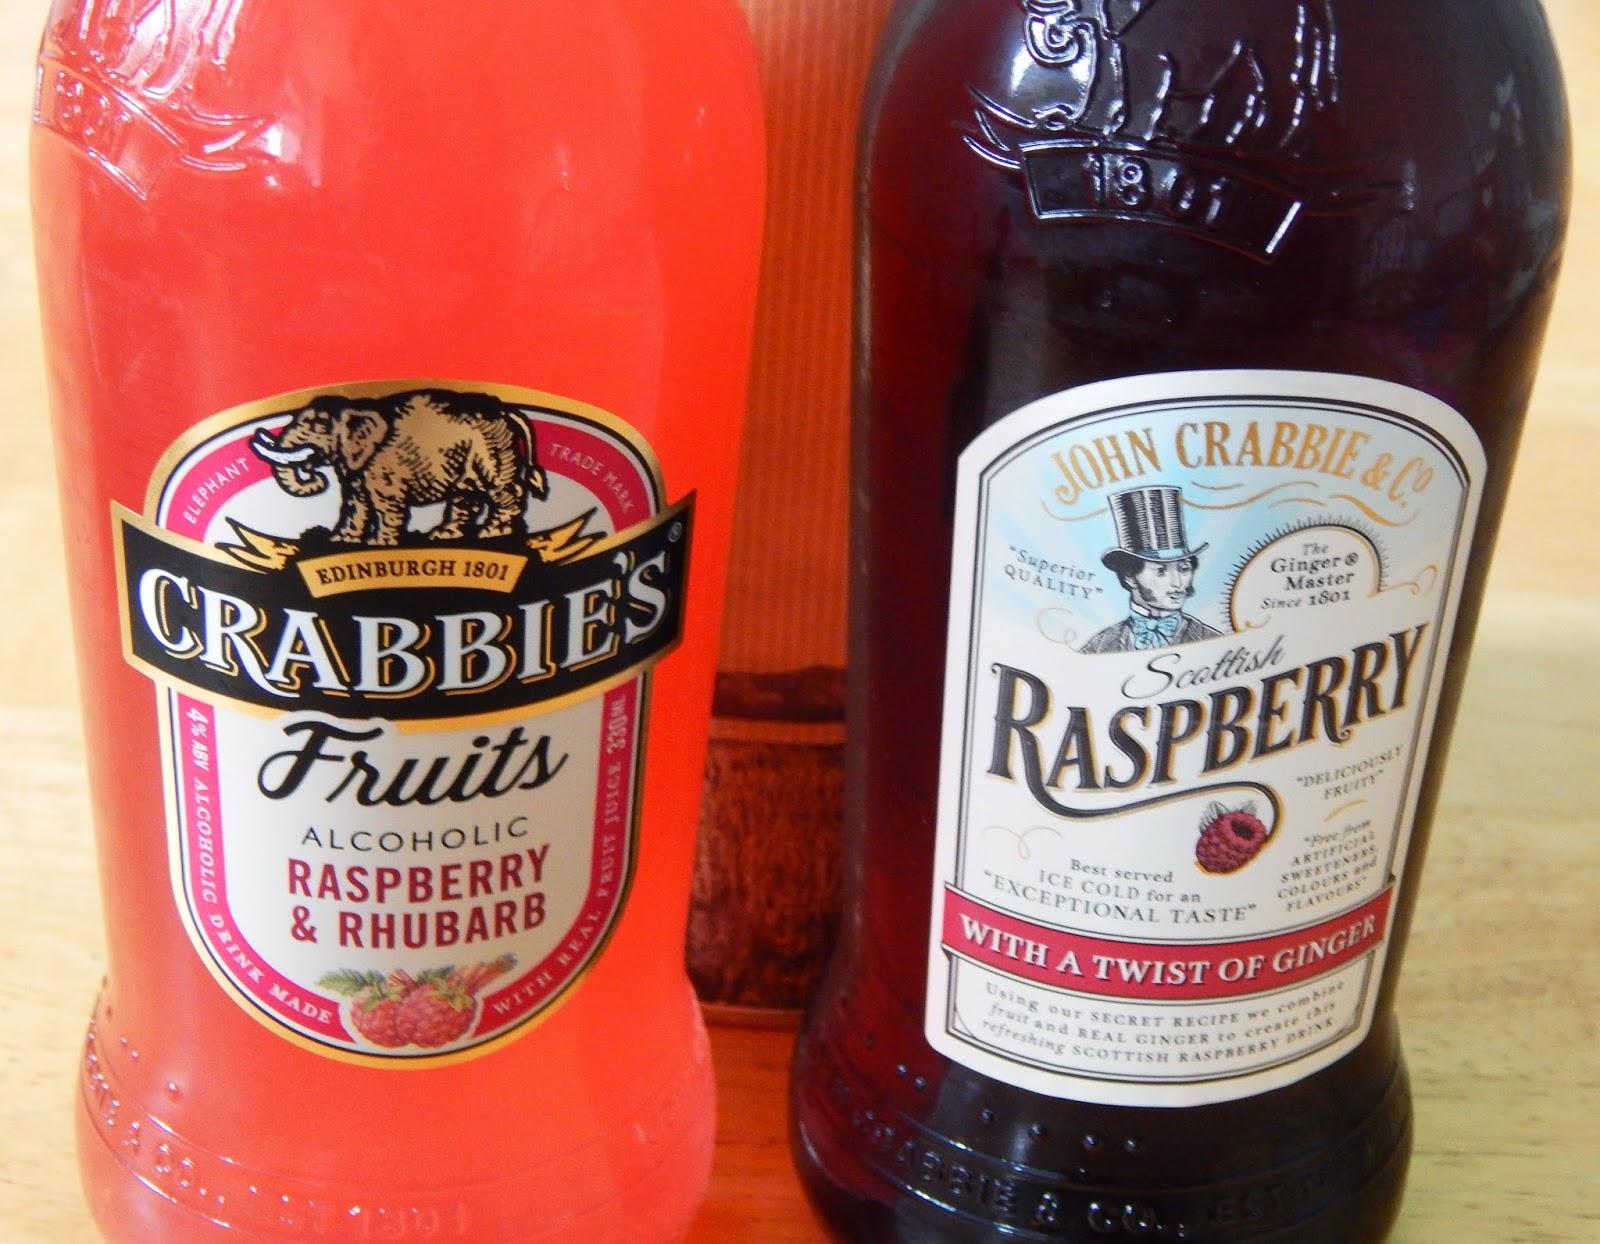 Crabbies Fruit Drinks